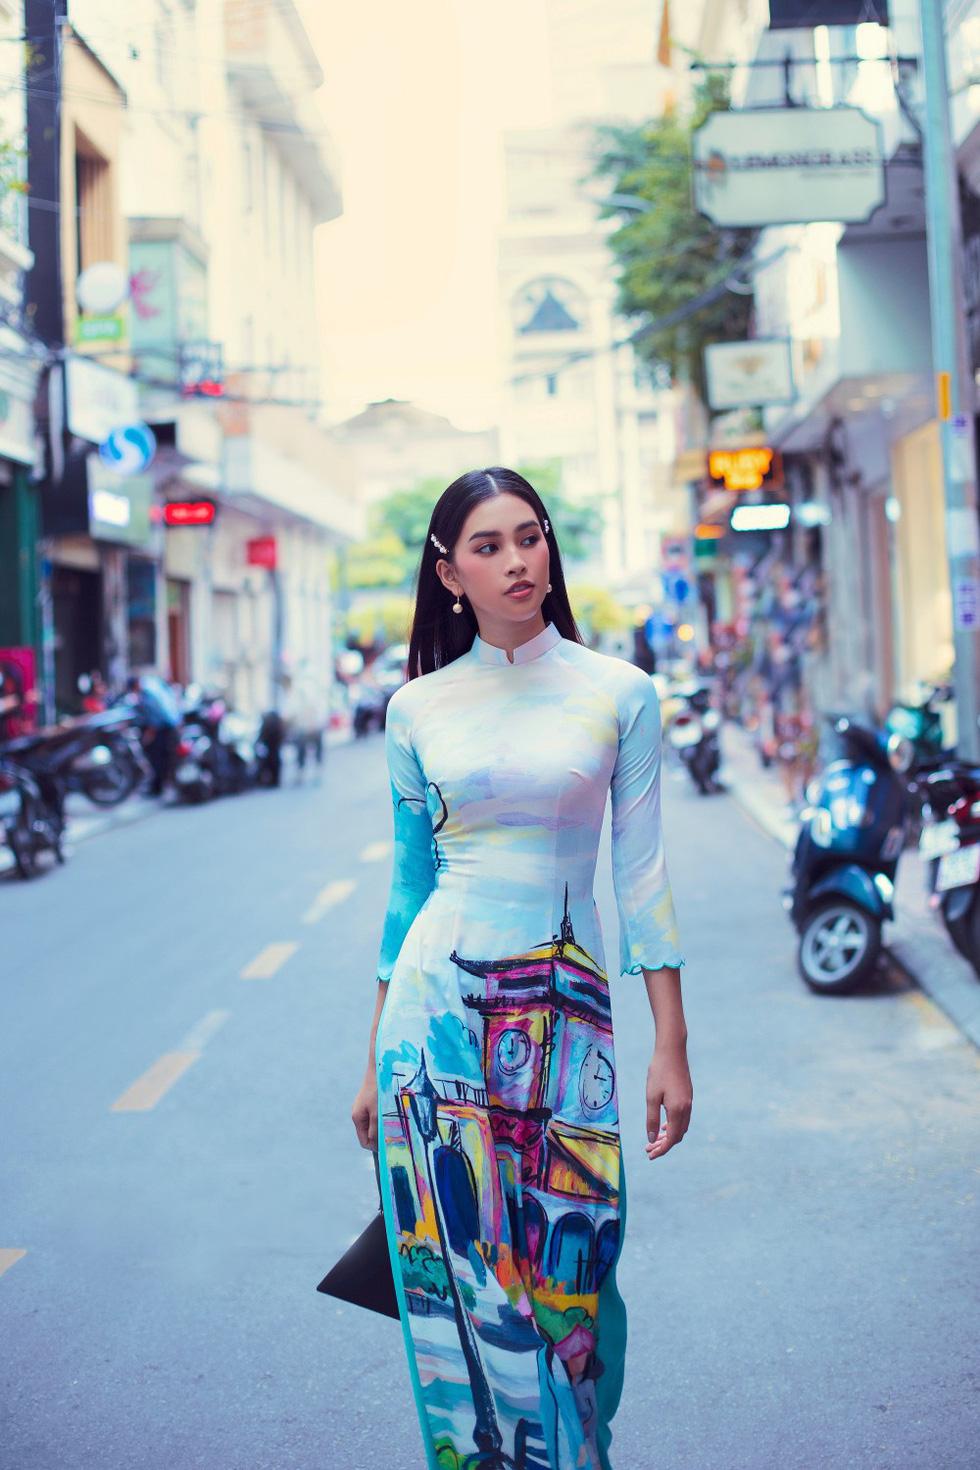 Hoa hậu Tiểu Vy khoe sắc cùng bộ sưu tập áo dài Sài Gòn ơi! - Ảnh 5.